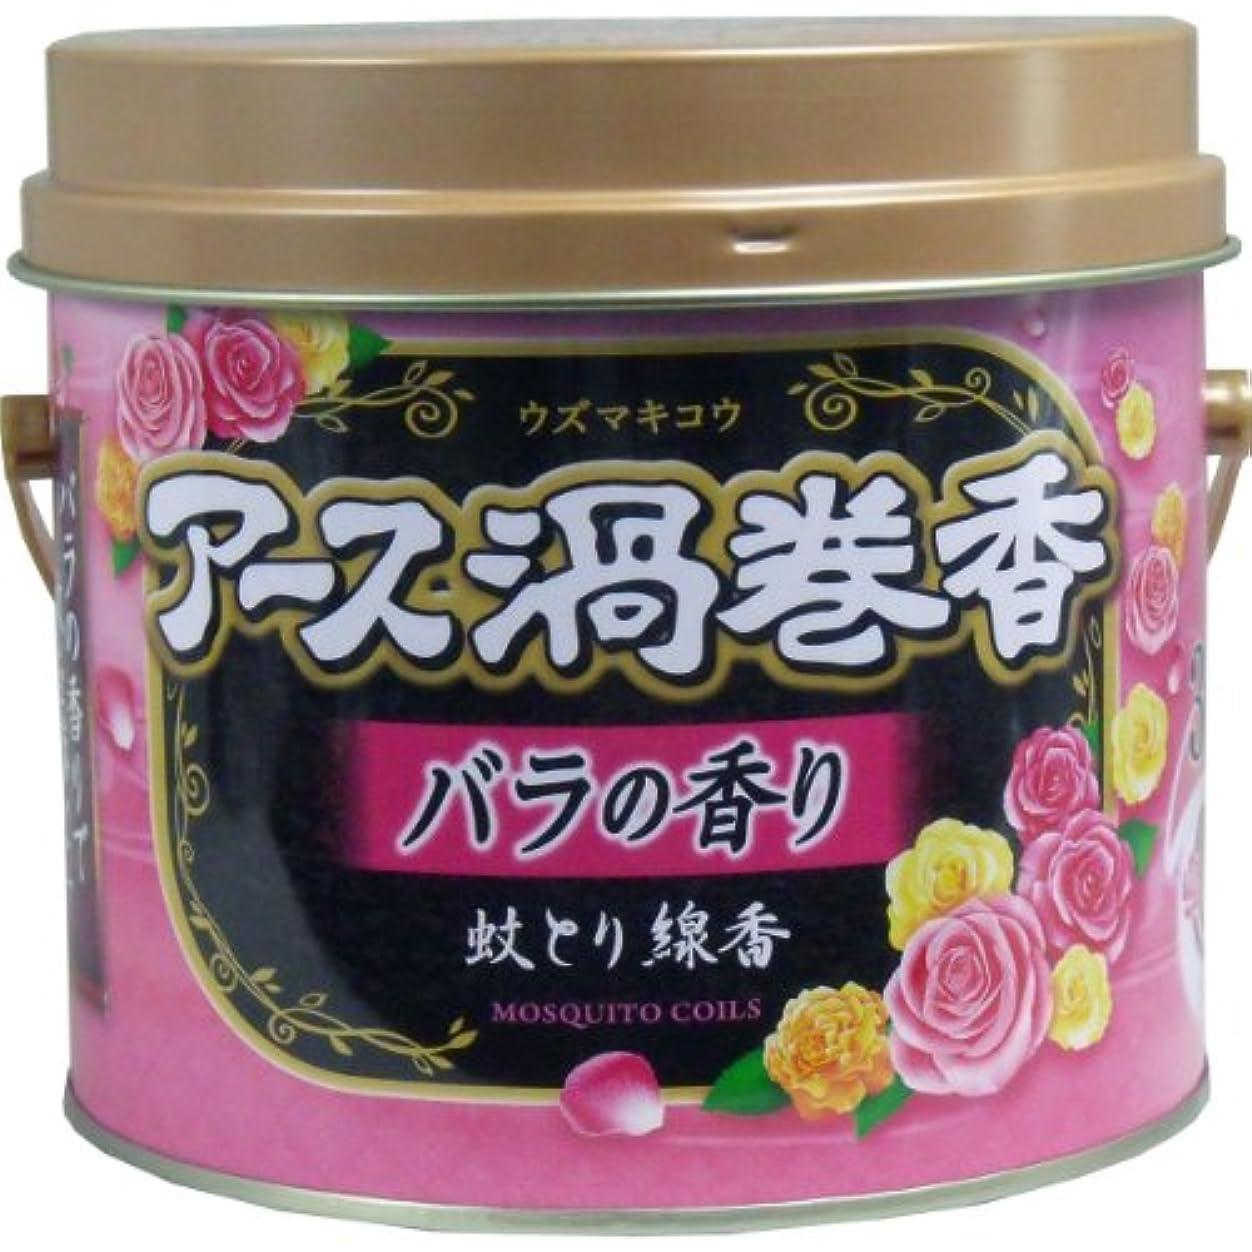 ビン寛解繕うアース渦巻香 蚊とり線香 バラの香り 30巻